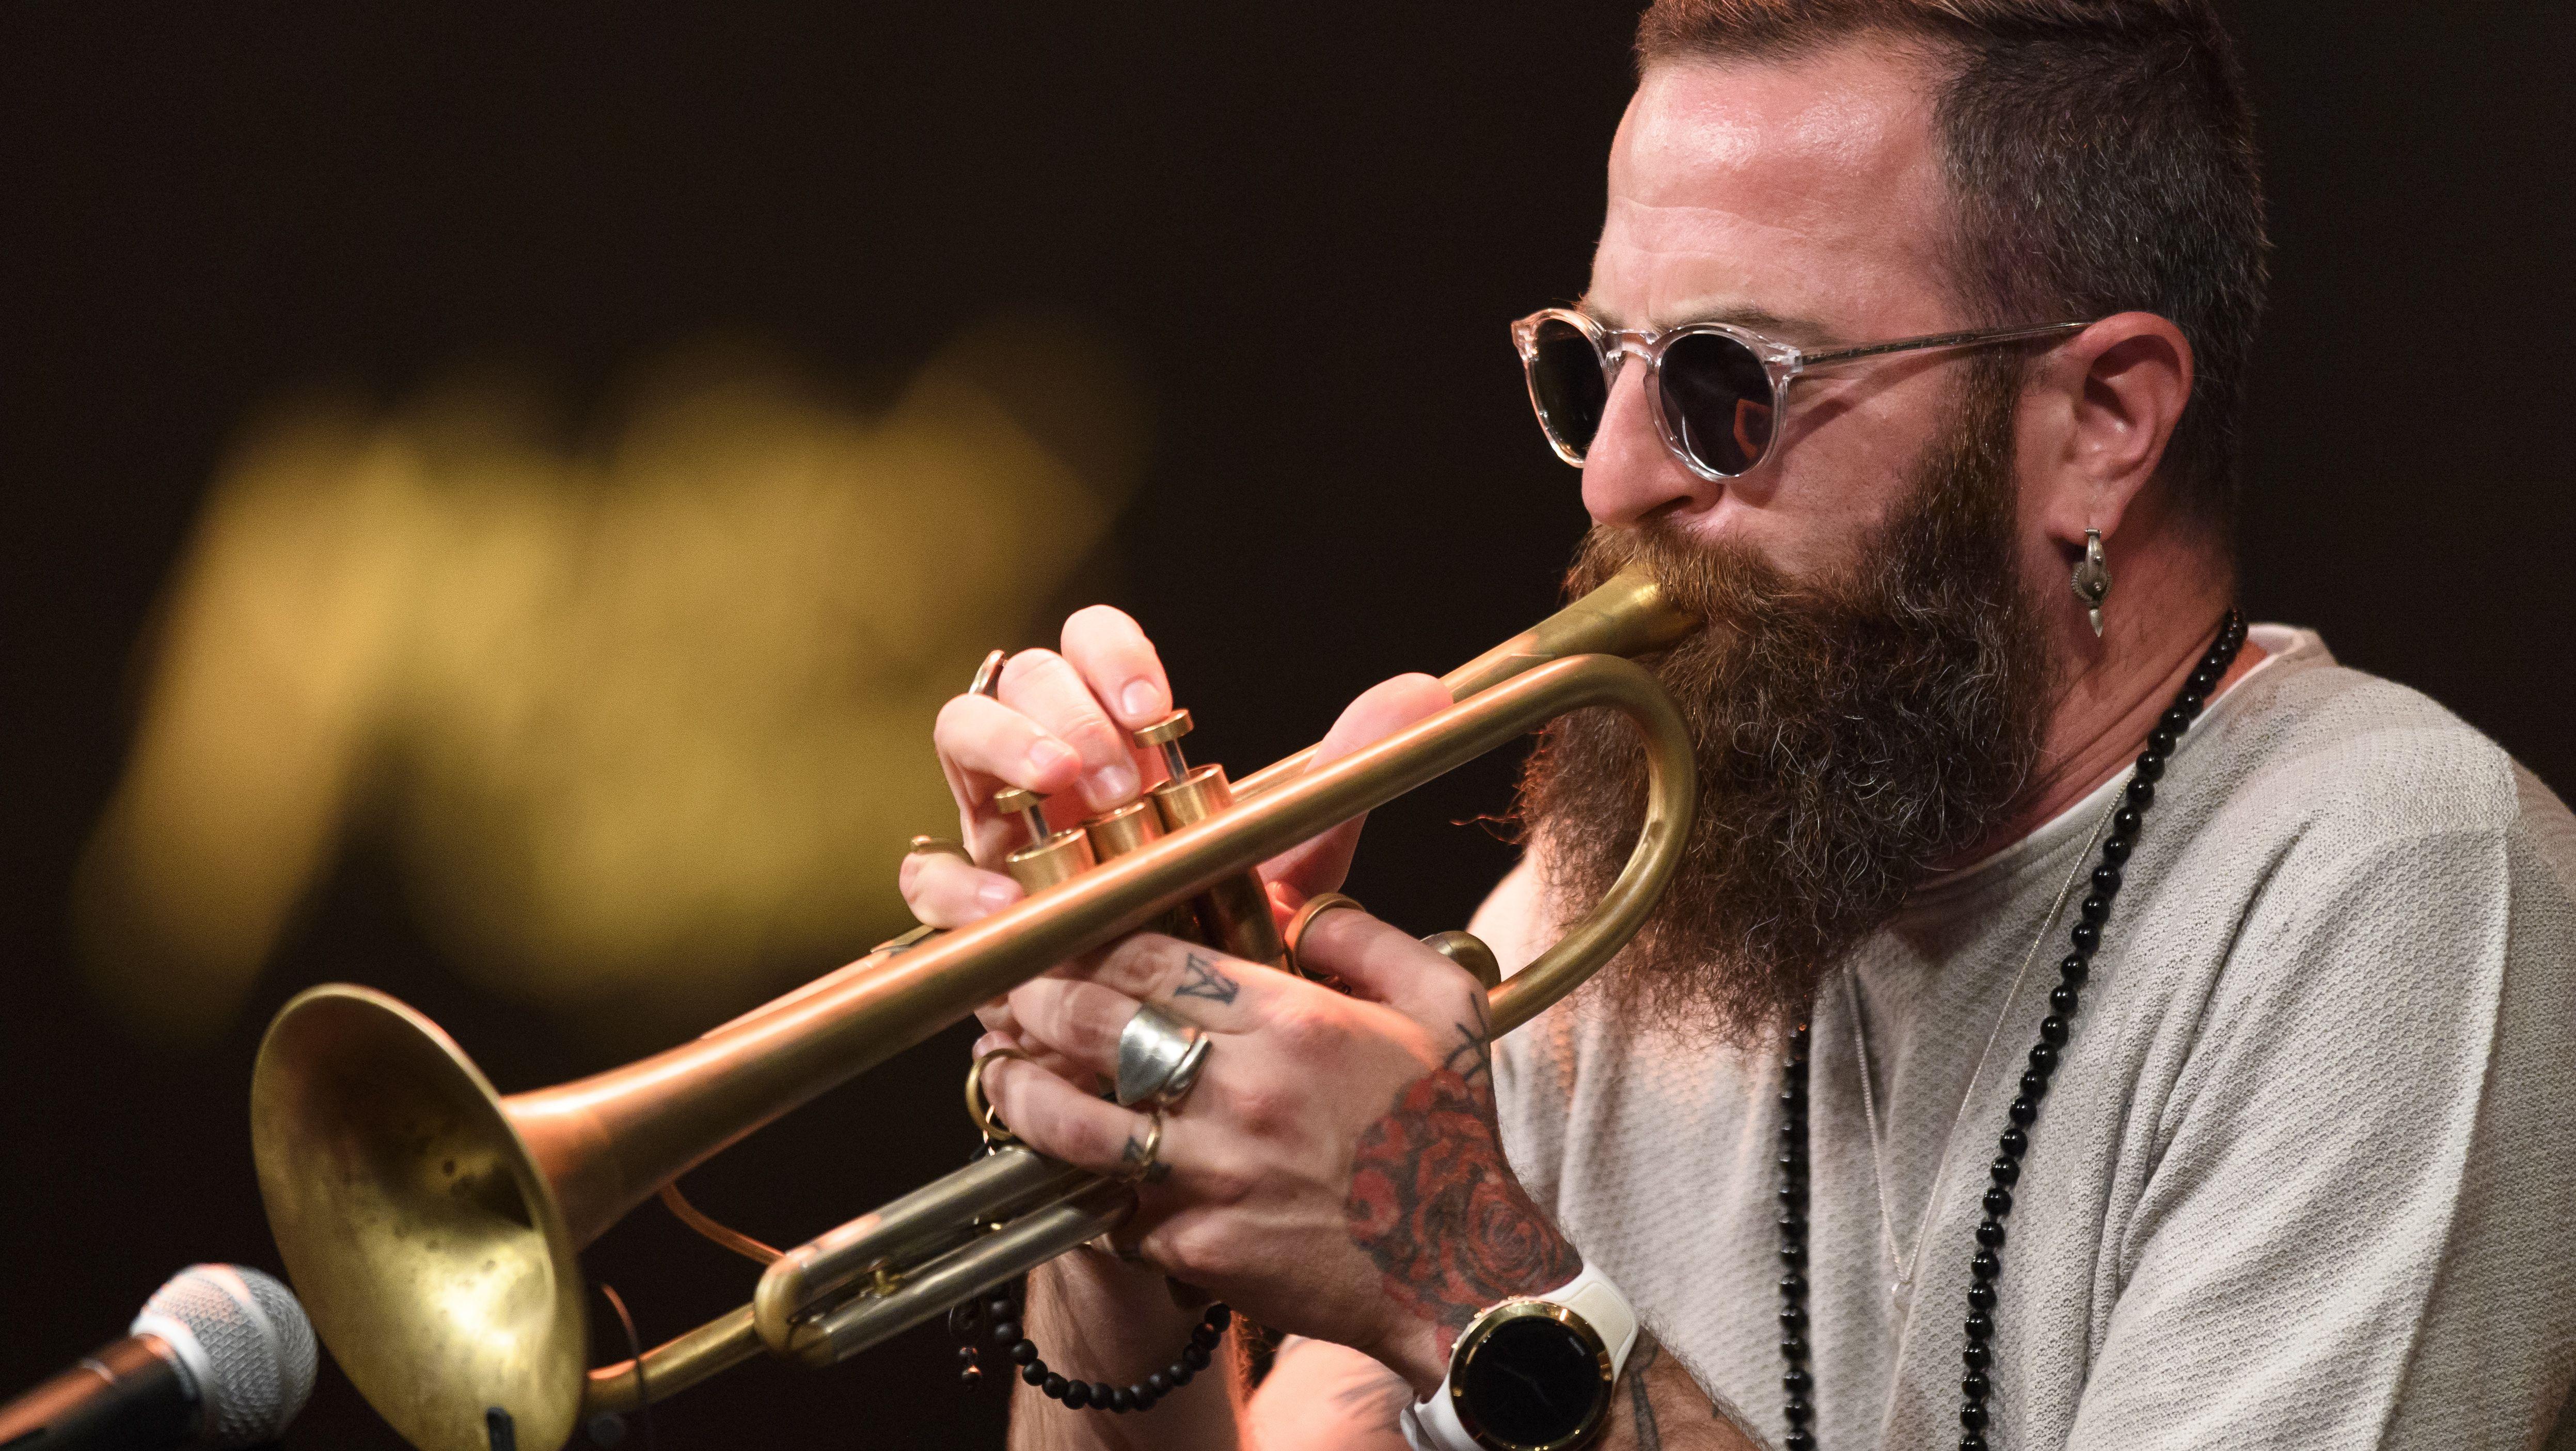 Avishai Cohen bei einem Auftritt an der Trompete. Er trägt Sonnenbrille, Tätowierungen und viele große Ringe.